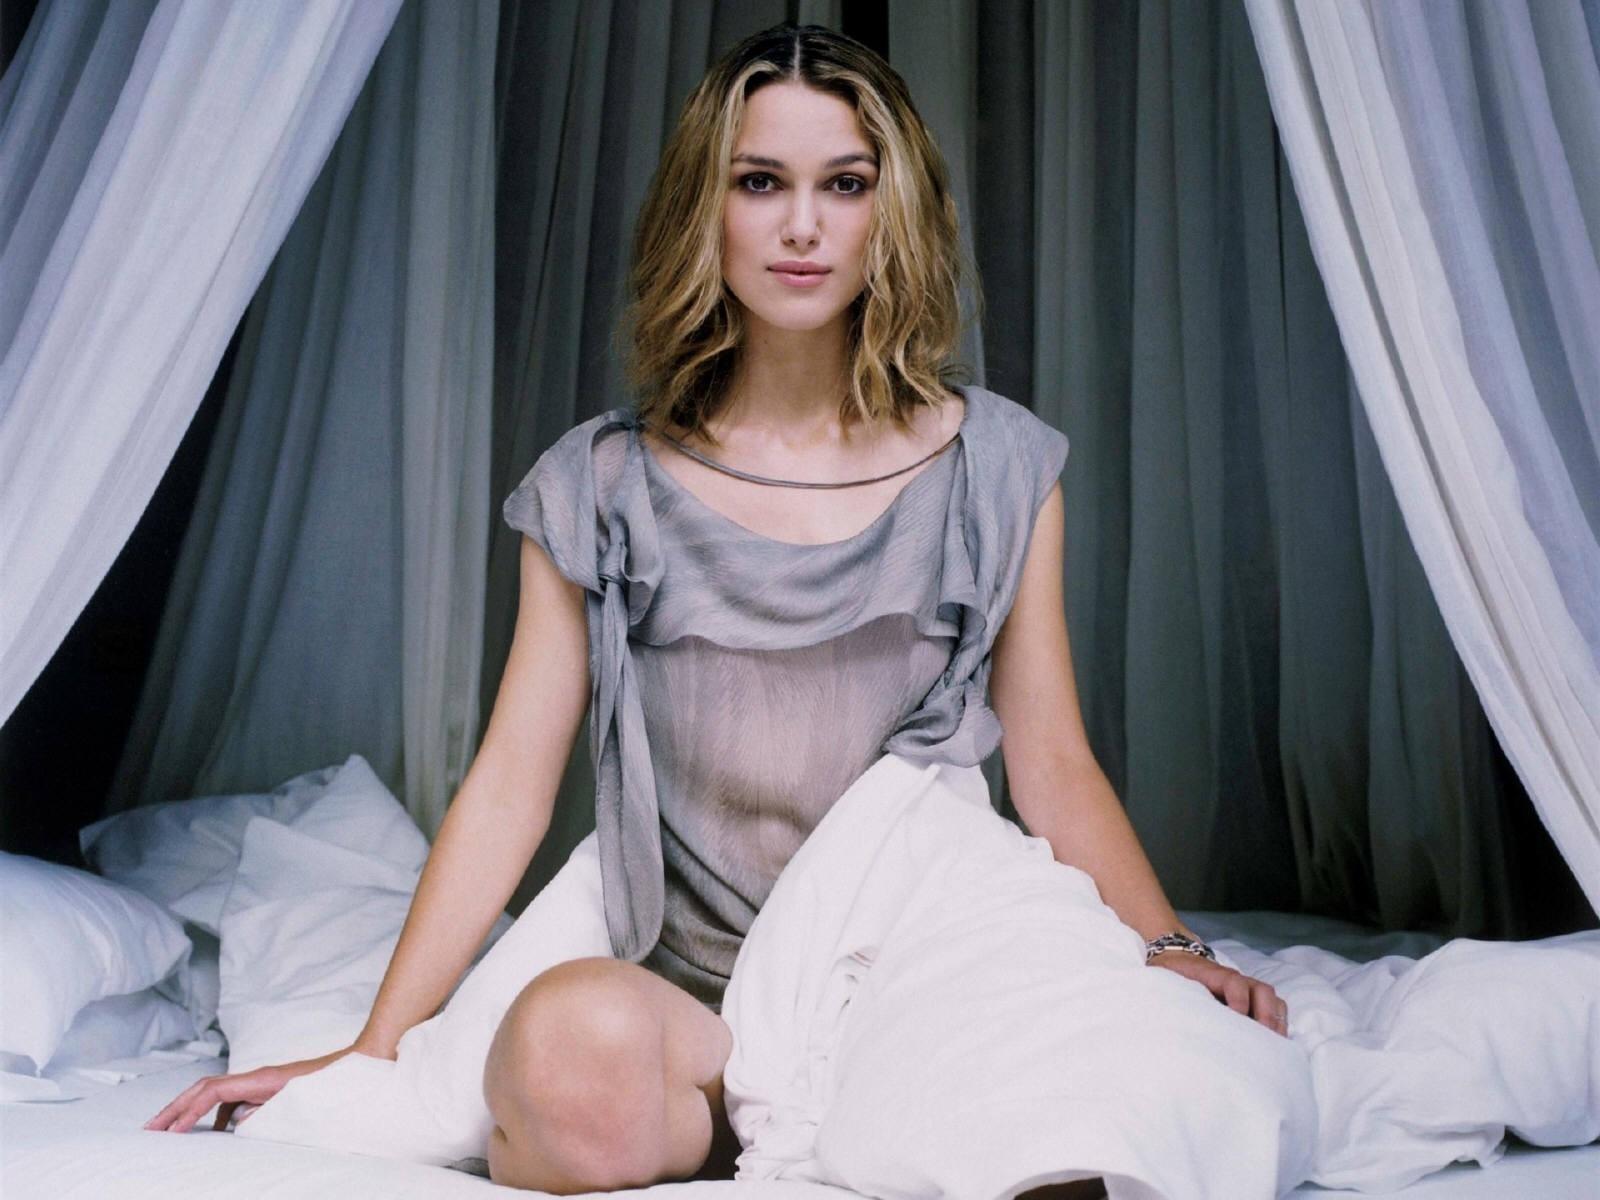 Wallpaper di una seducente Keira Knightley a letto